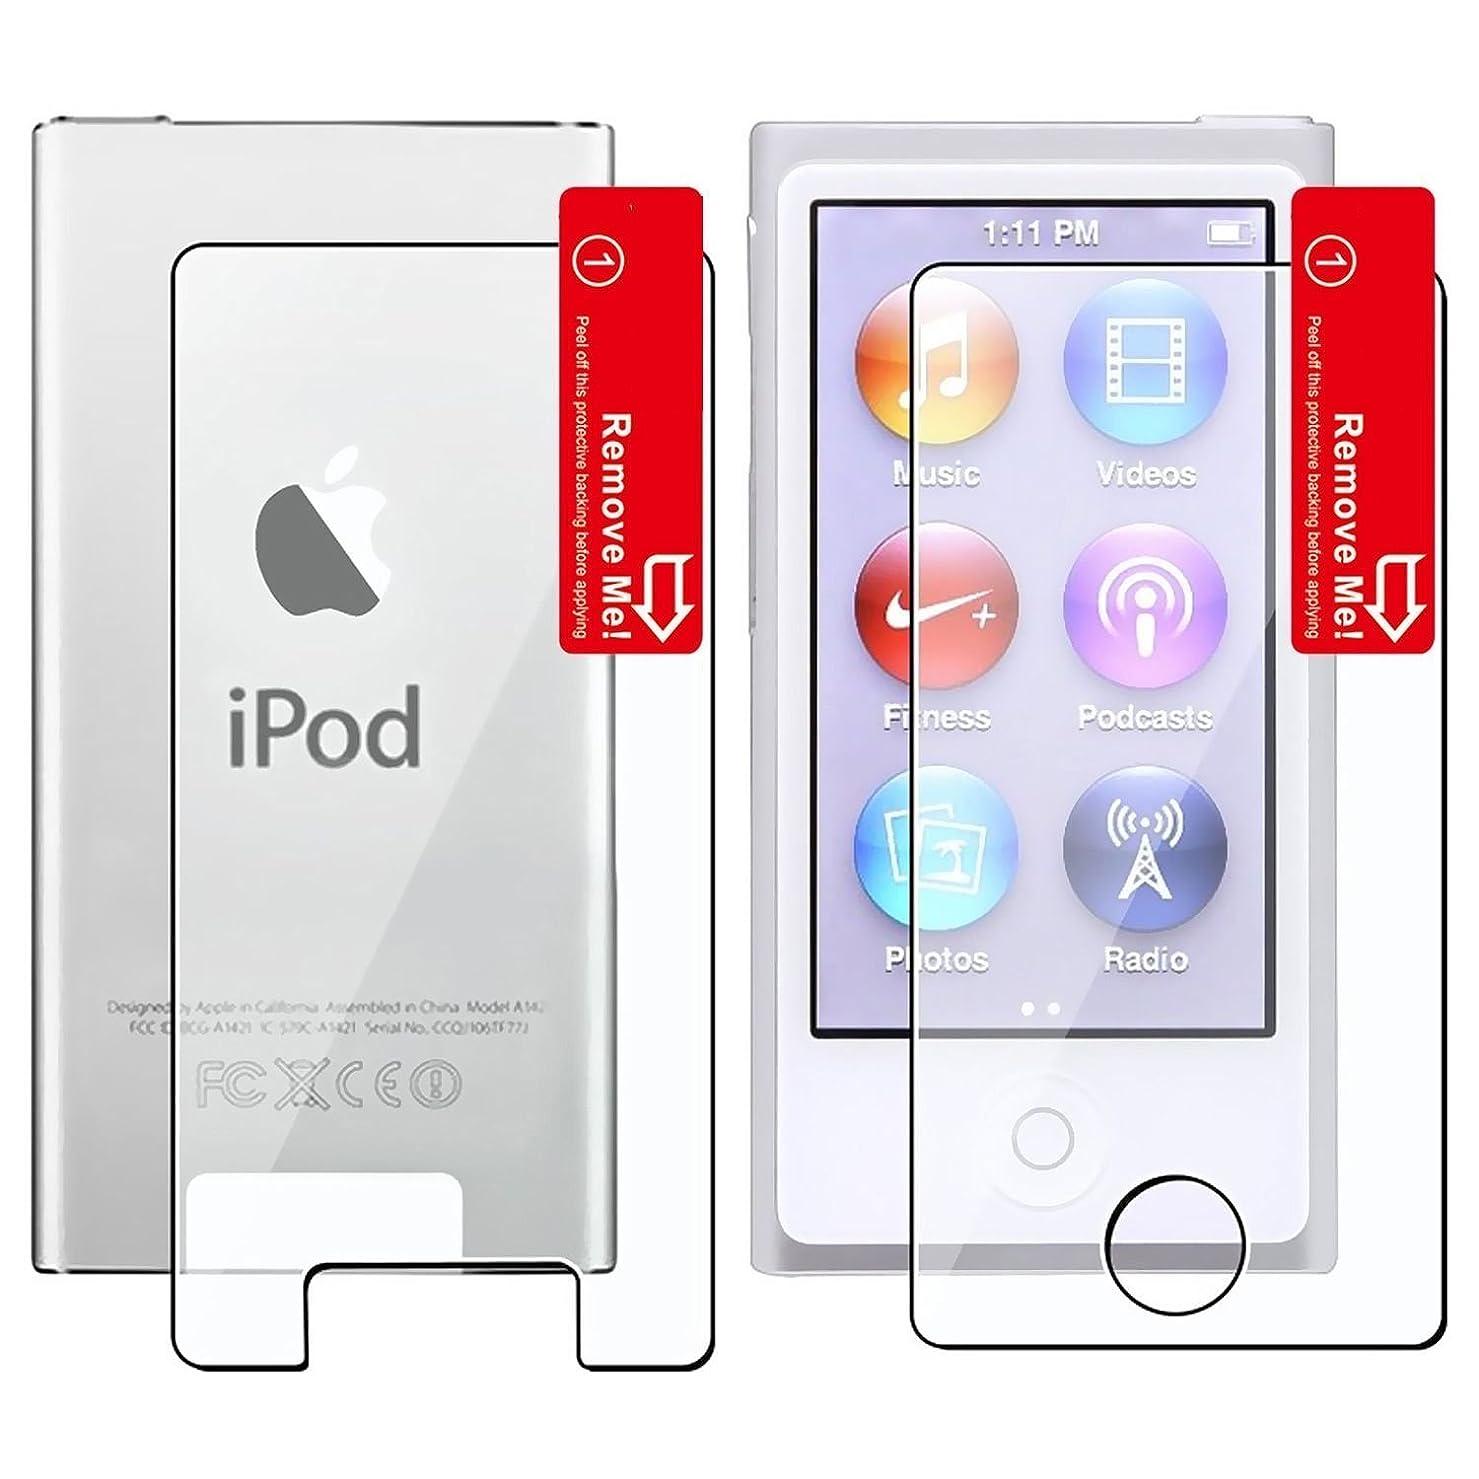 広いピケ賞iPod nano 第7世代 フィルム 両面 2枚セット 液晶 画面 背面 保護 Apple iPod Nano7 対応 自己吸着式 MY WAY SCREEN SHIELD 指紋防止 コーティング スクリーン シート クリア